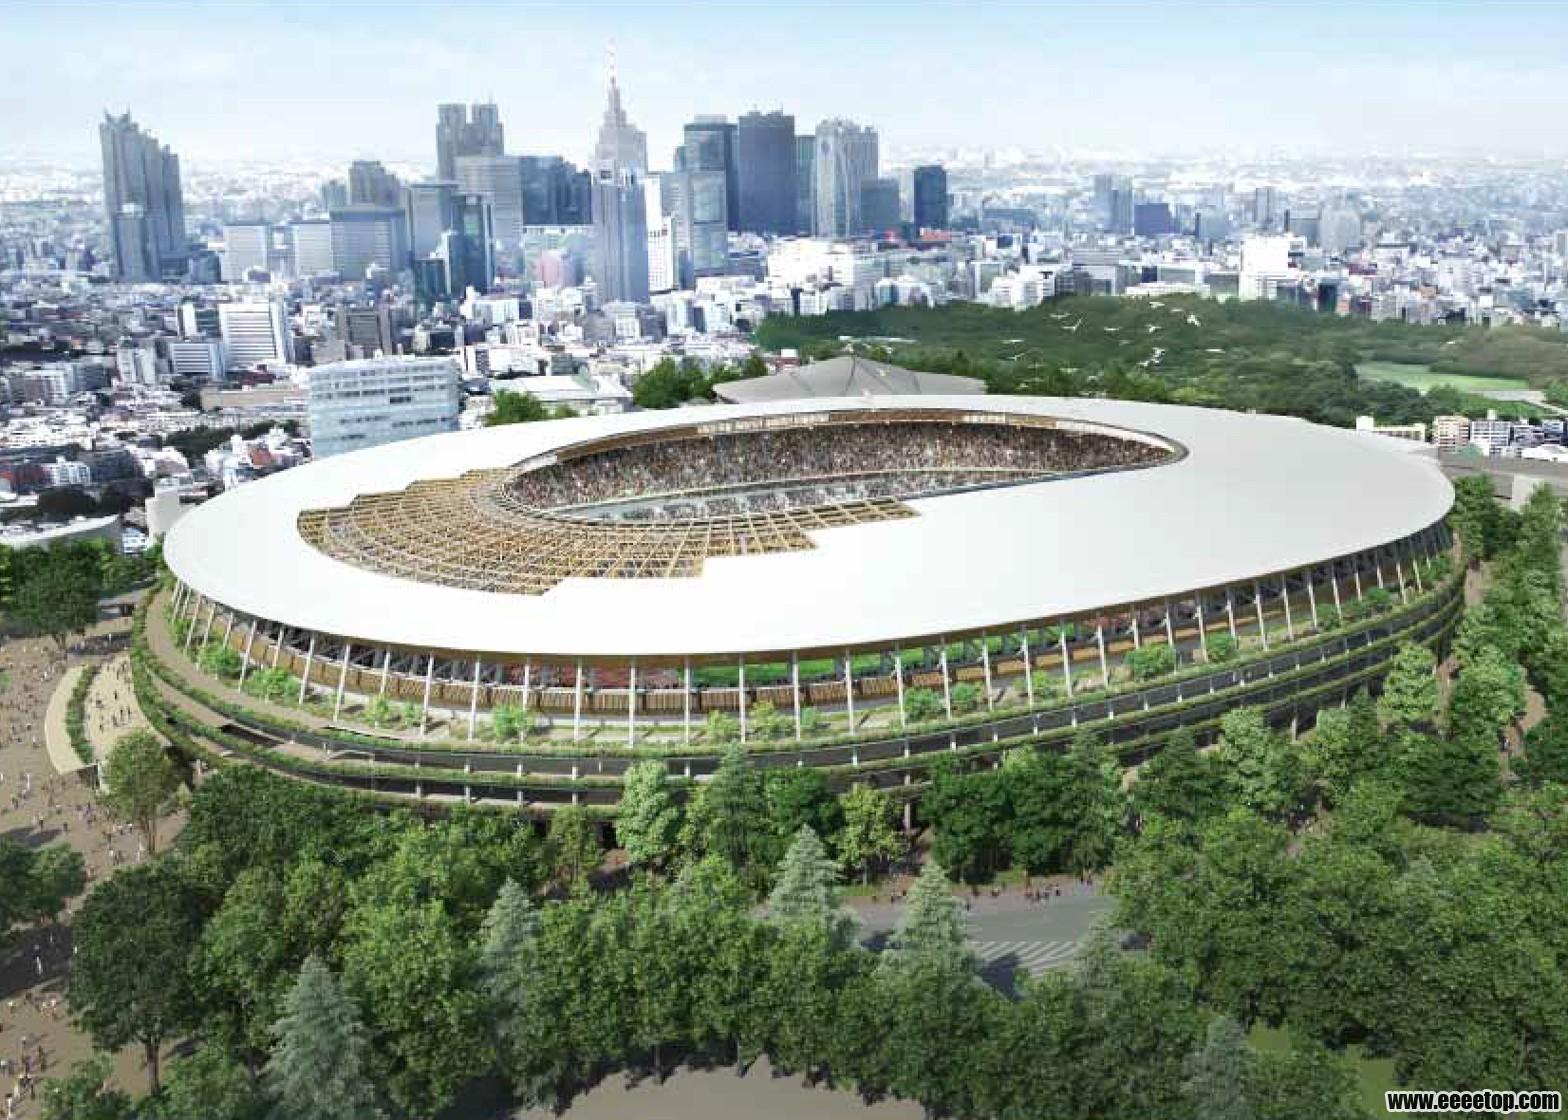 隈研吾击败伊东丰雄赢得日本国家体育场设计竞赛